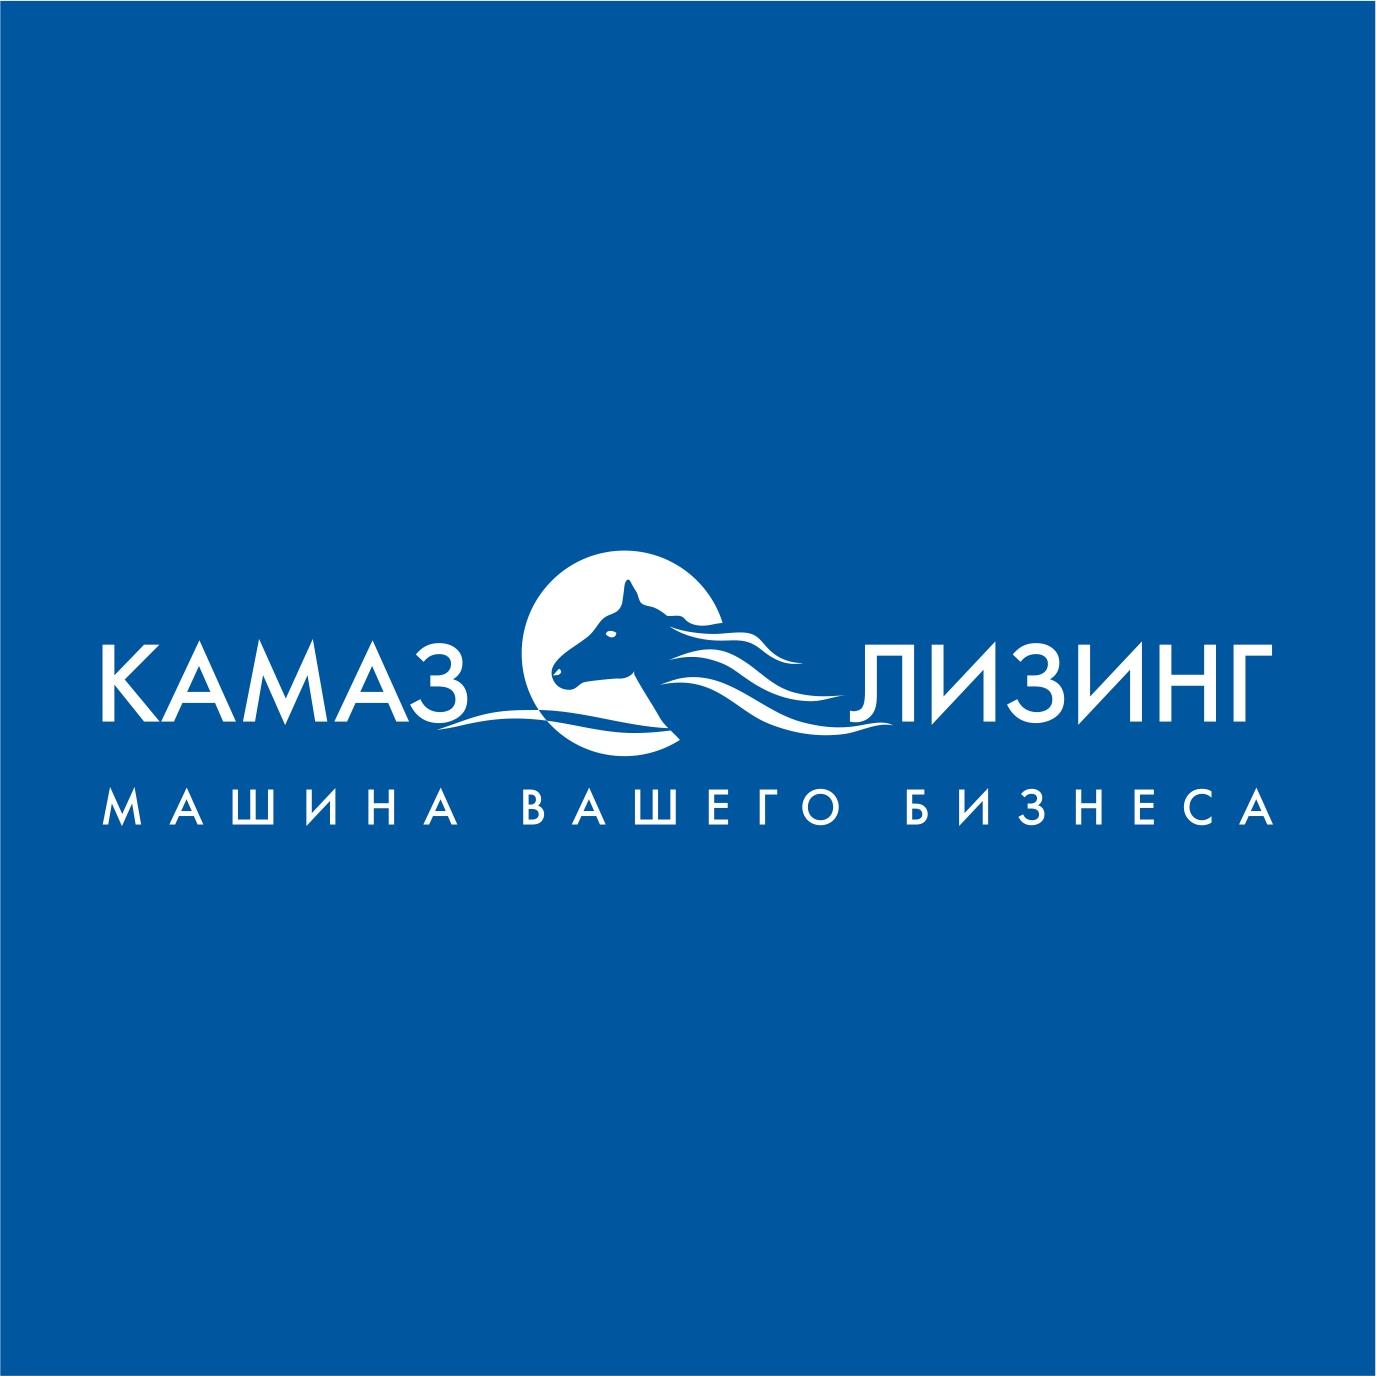 Автомобили КАМАЗ – в помощь предпринимателям